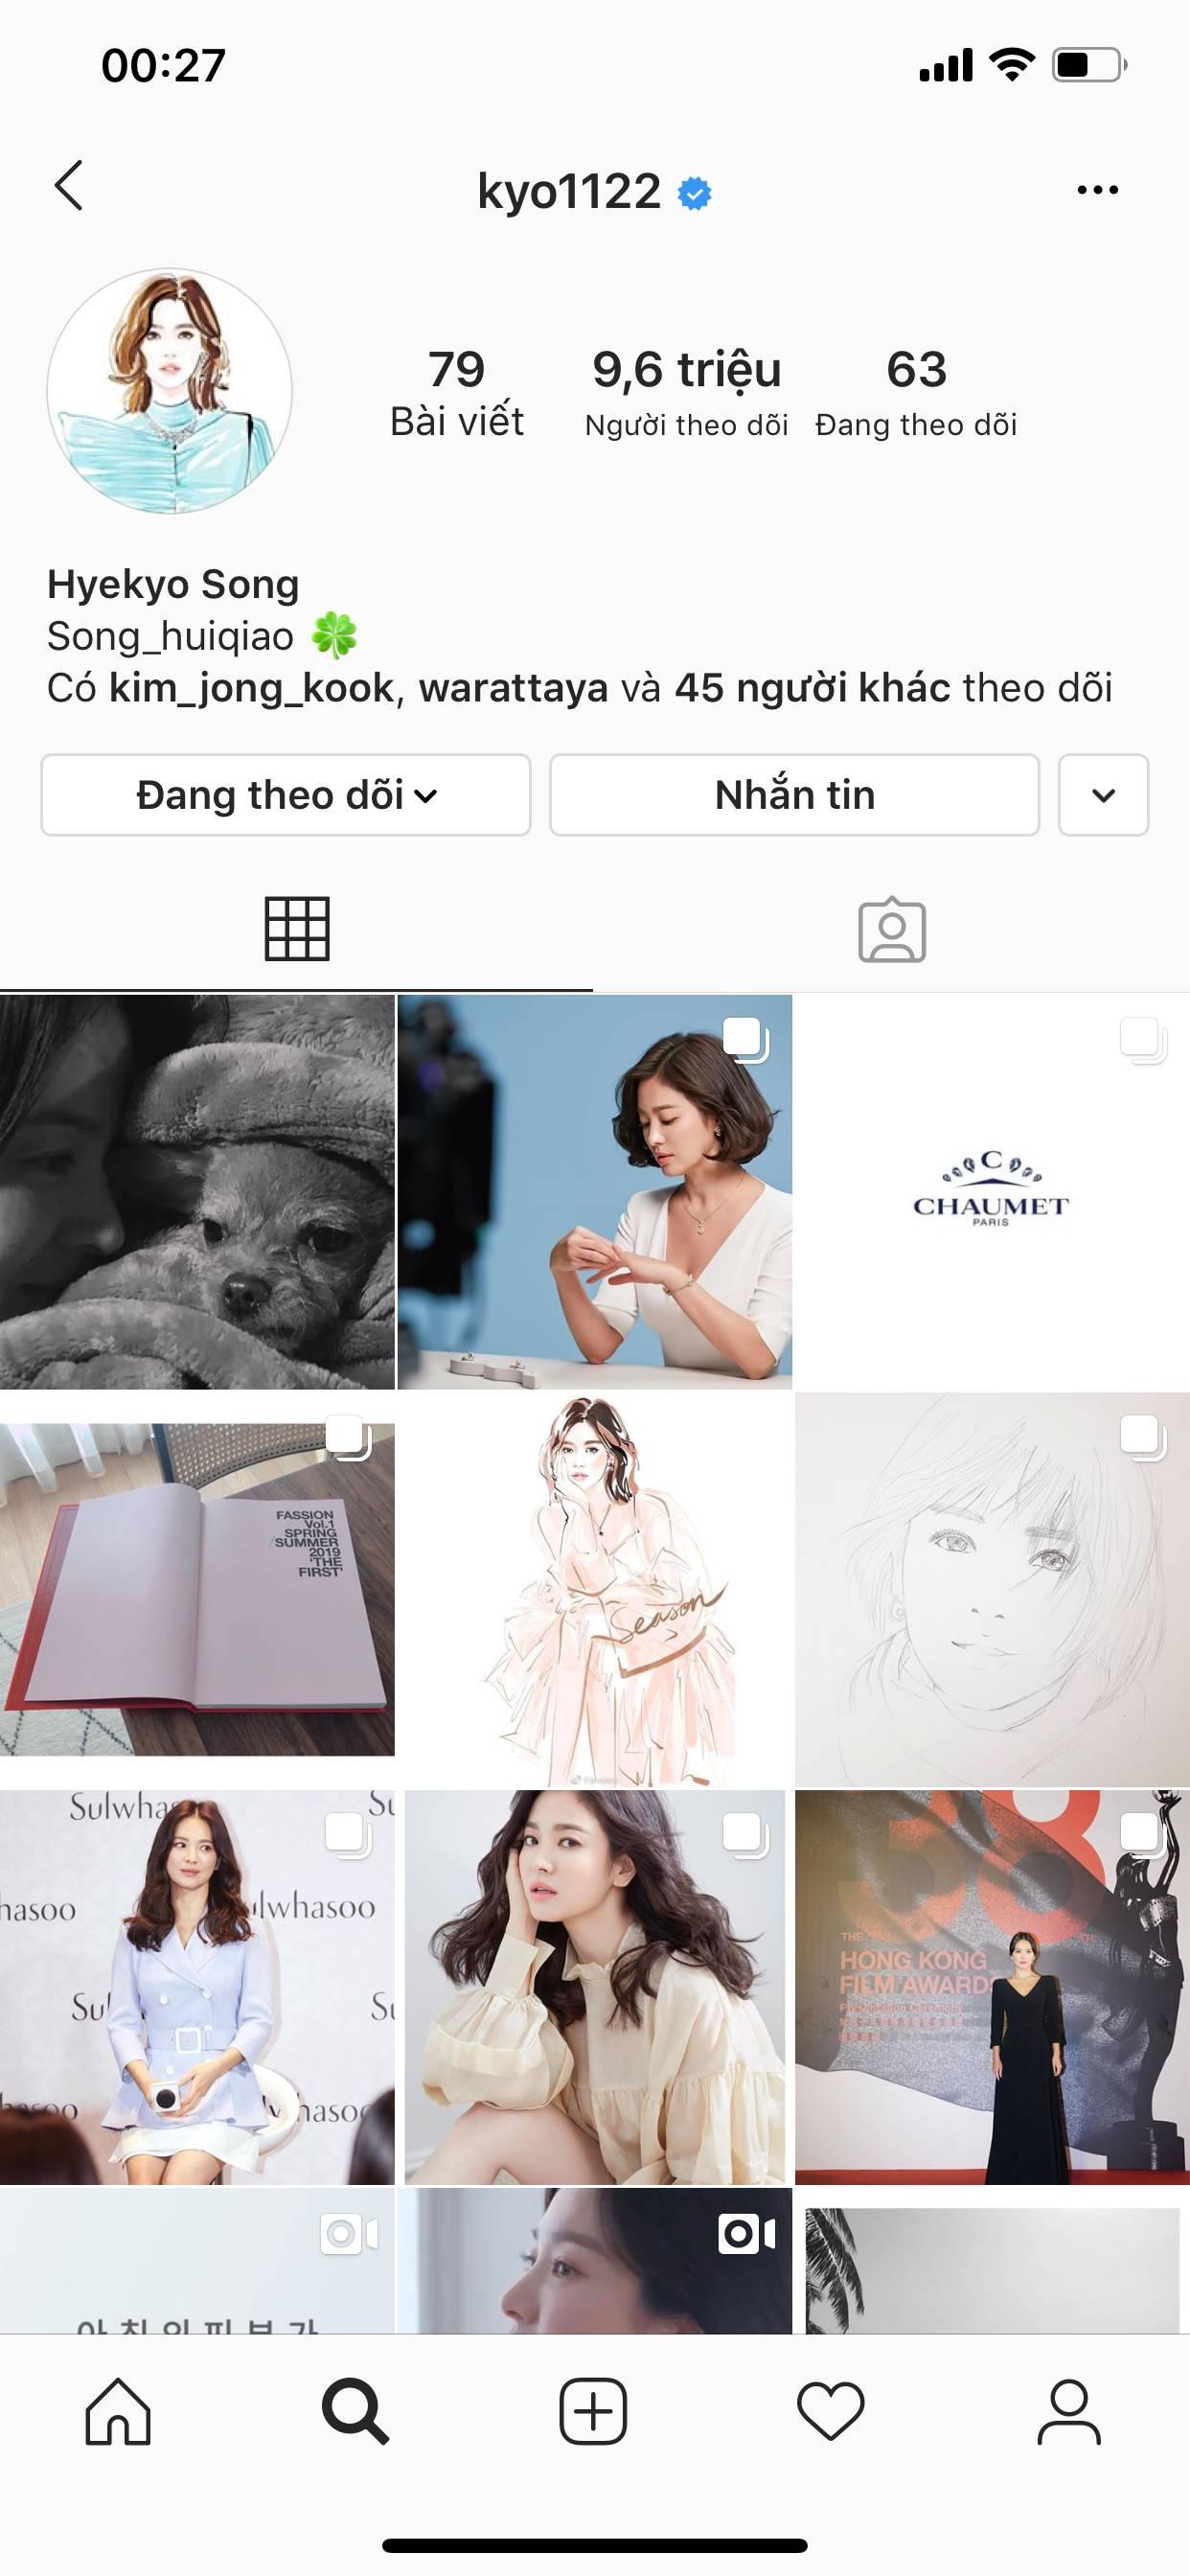 Chính thức ly dị, Song Hye Kyo đã có động thái đầu tiên: Khai tử ảnh cưới, toàn bộ dấu vết về chồng trên Instagram-1